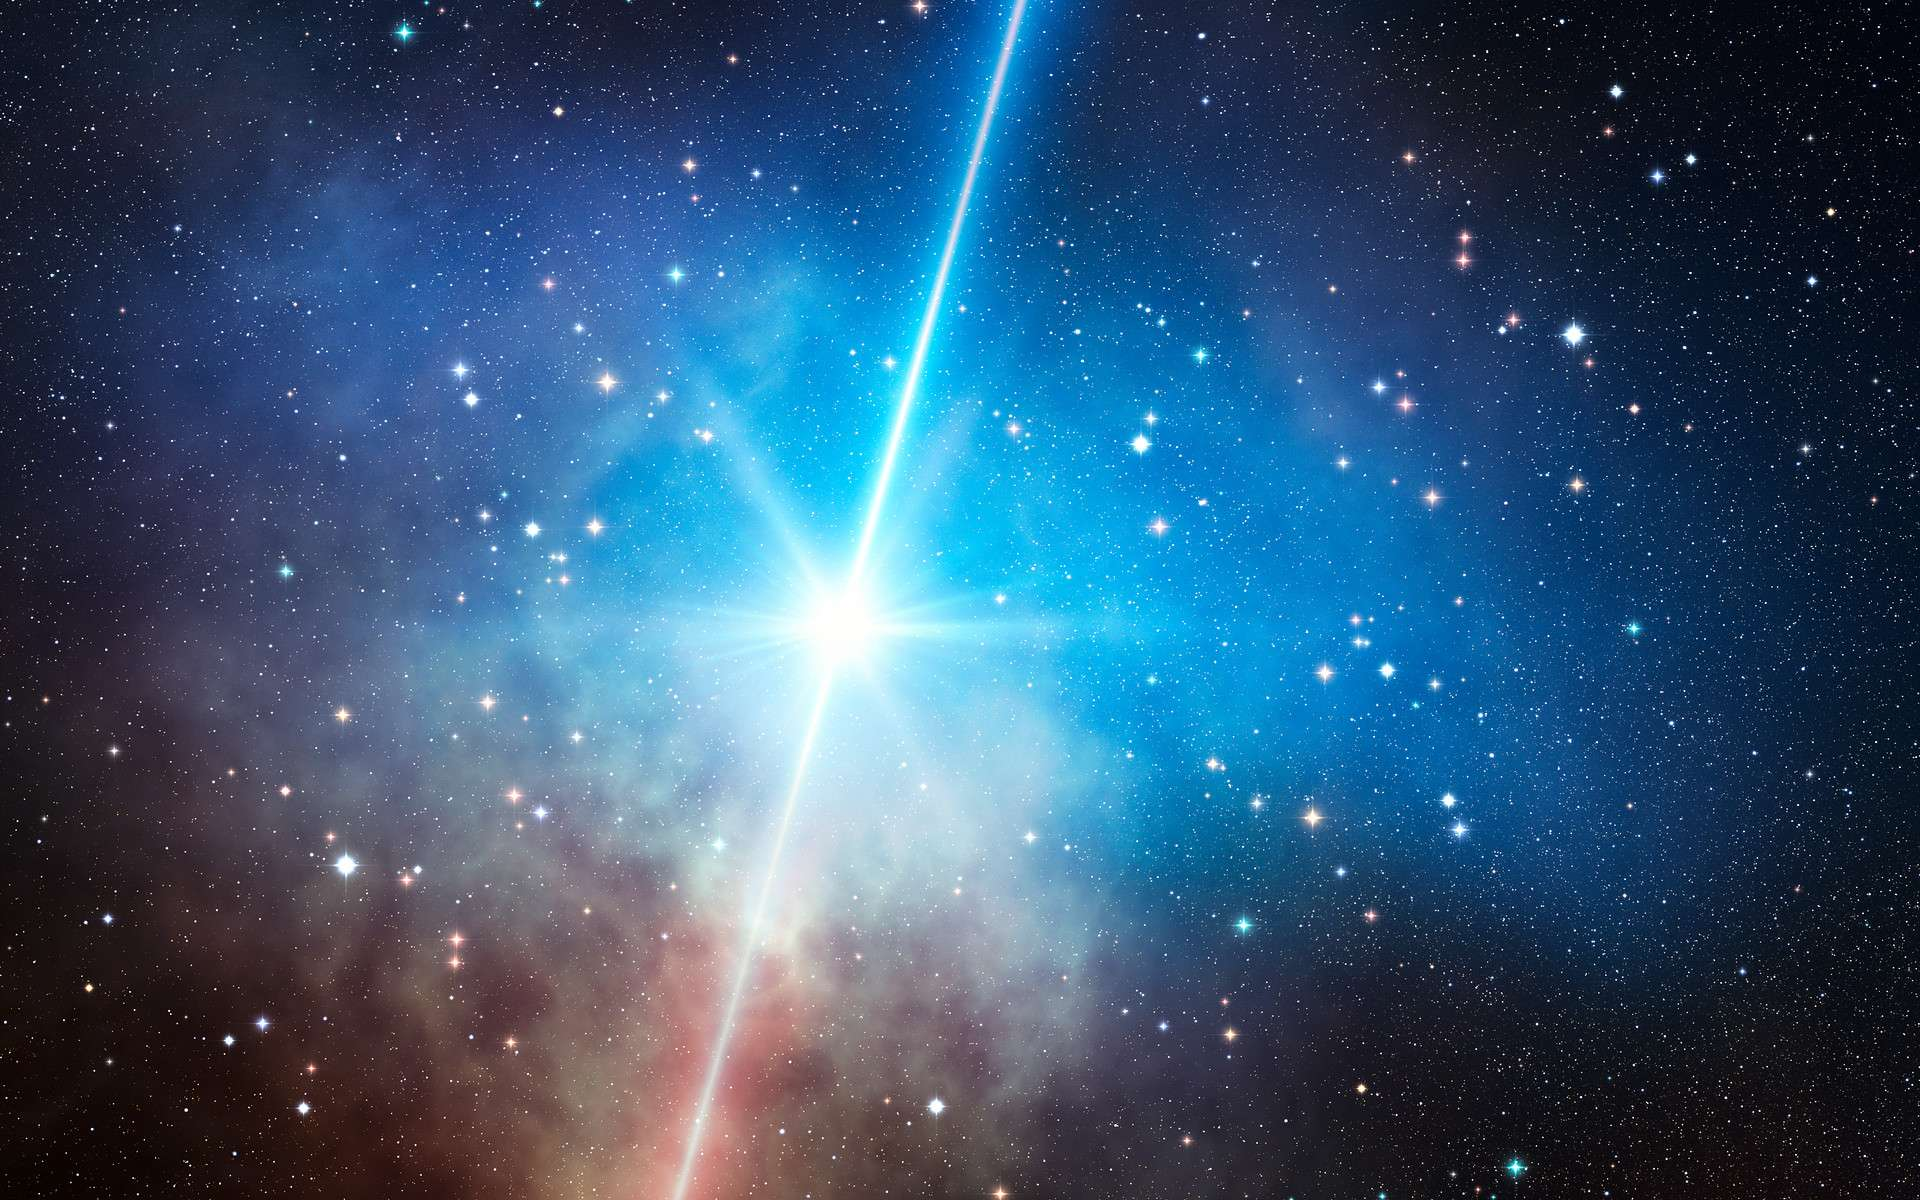 Une vision d'artiste de l'explosion en supernova d'une supergéante bleue massive. En l'occurrence, il s'agit d'une hypernova conduisant à un sursaut gamma et à la formation d'un trou noir. Les explosions des premières étoiles devaient ressembler à celle-ci, bien que pouvant conduire également à la formation d'étoiles à neutrons. Dans ce dernier cas, l'explosion est nettement moins lumineuse et ne s'accompagne pas de deux jets. C'est ce dernier cas qui a été étudié par des chercheurs de l'Institut Kavli. © Eso, L. Calçada